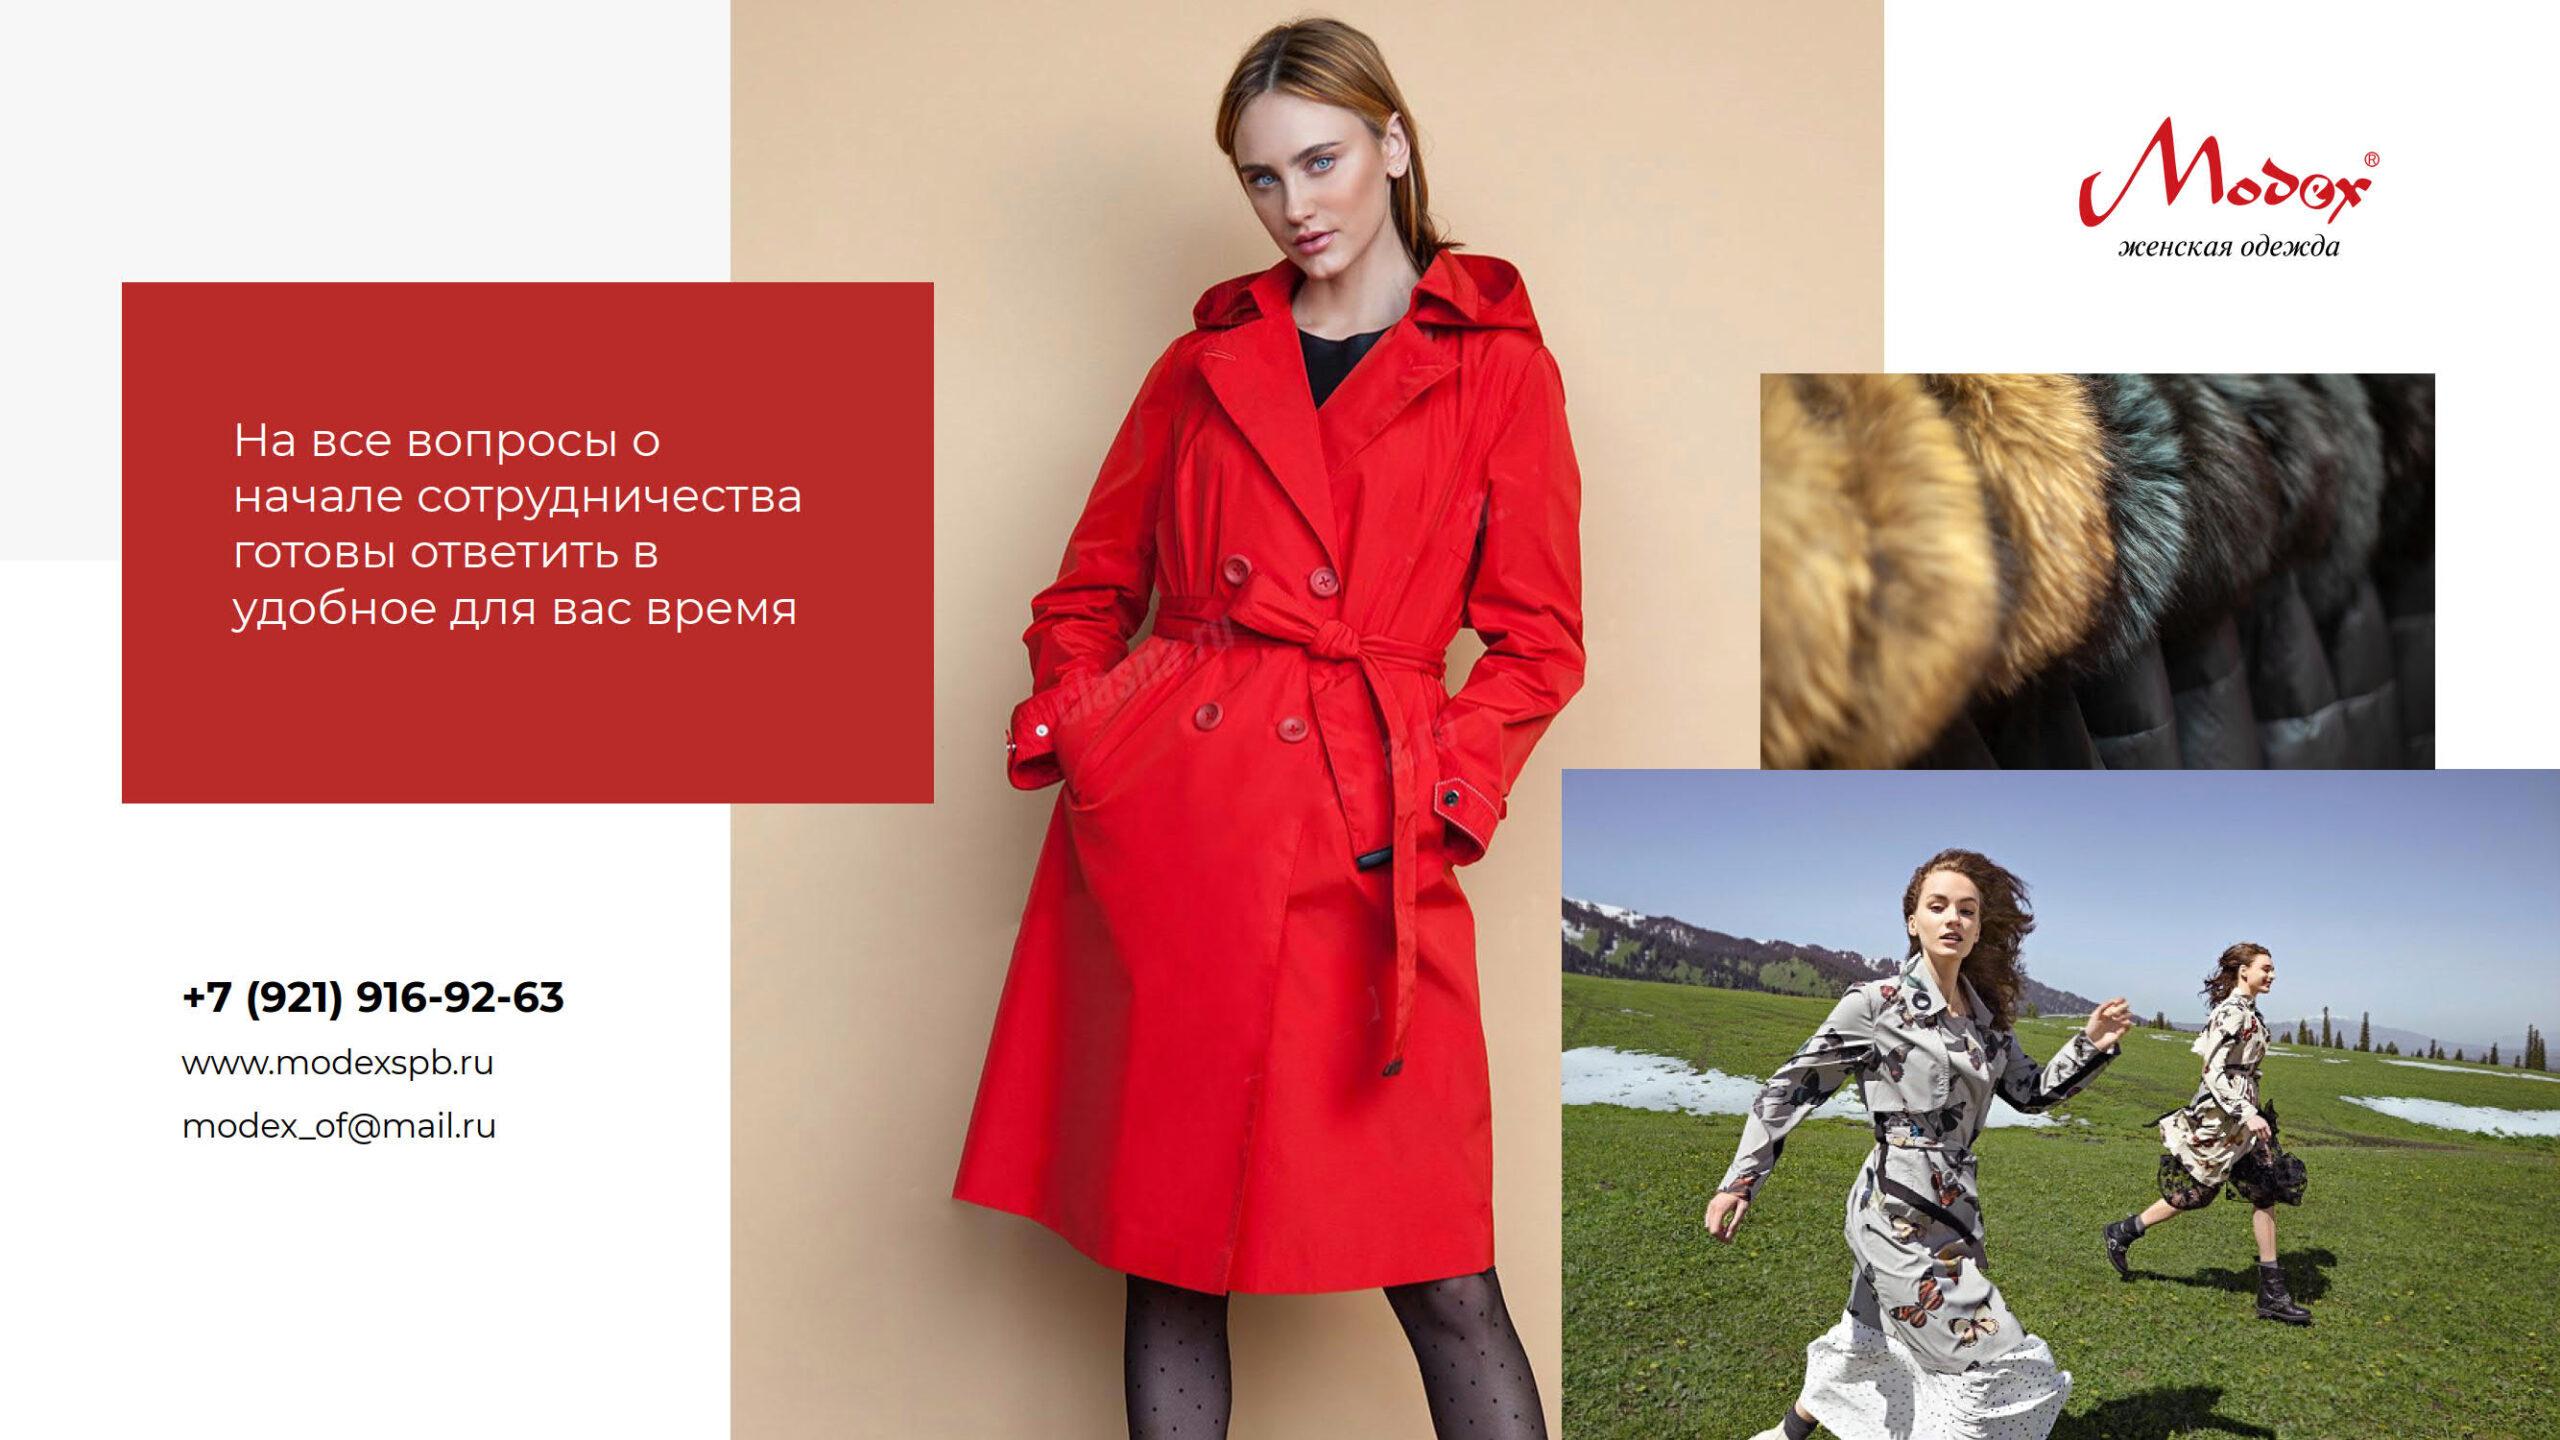 Презентация фирменных магазинов женской одежды для арендодателя